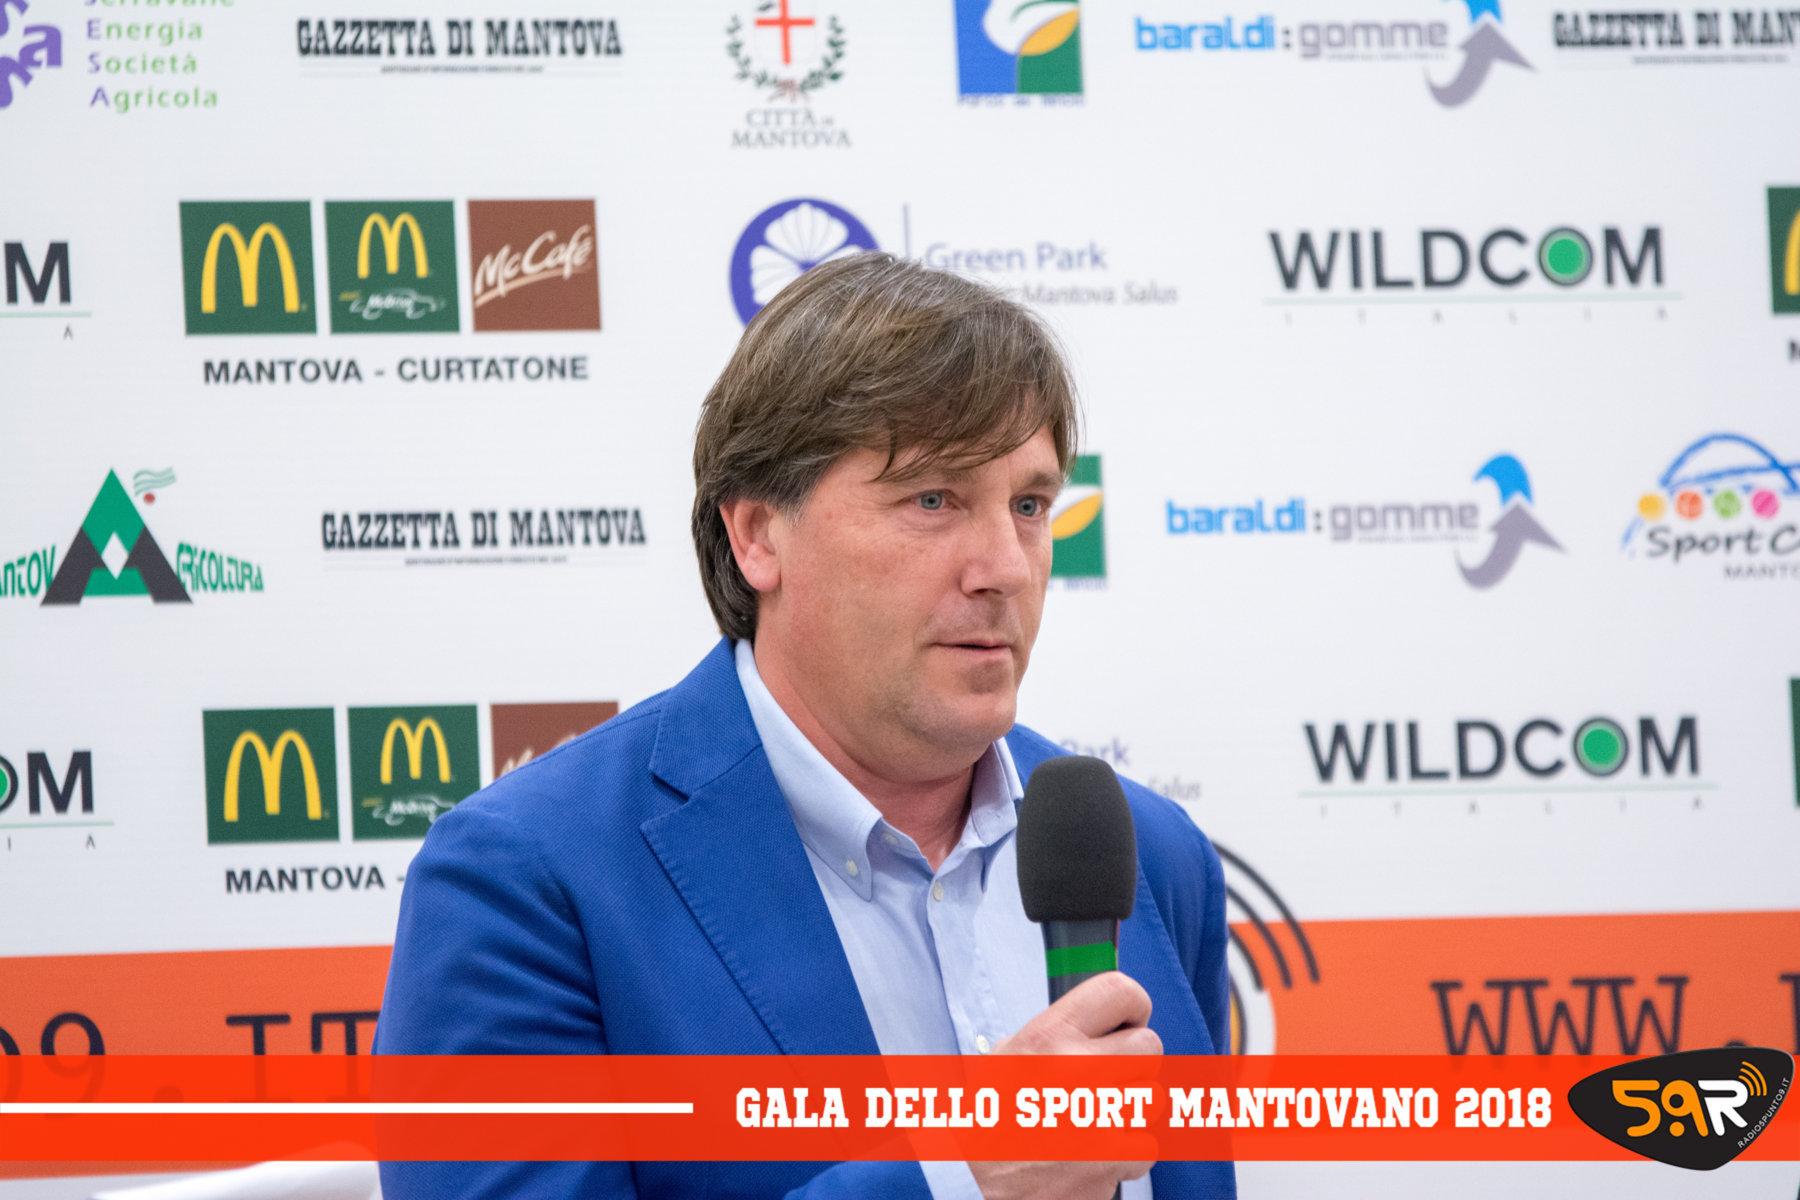 Gala dello Sport Mantovano 2018 Web Radio 5 (102)